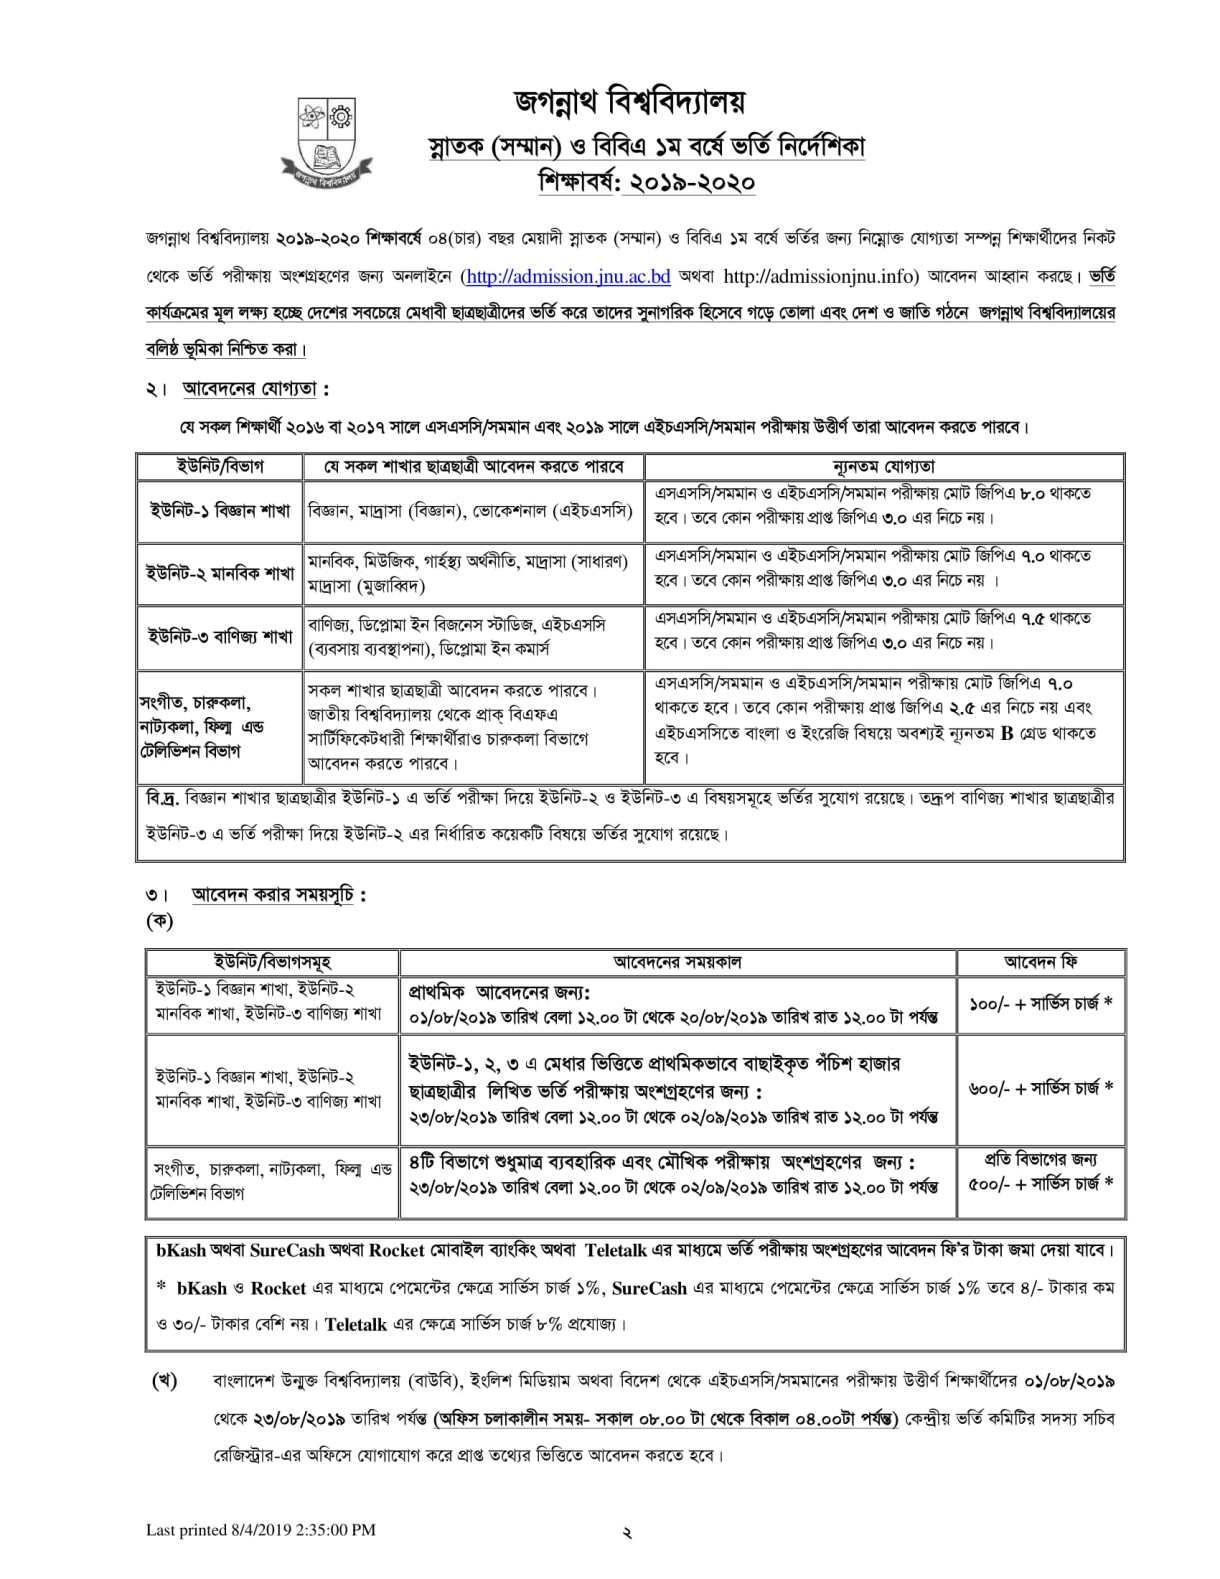 JNU Admission Notice 2019-20-1